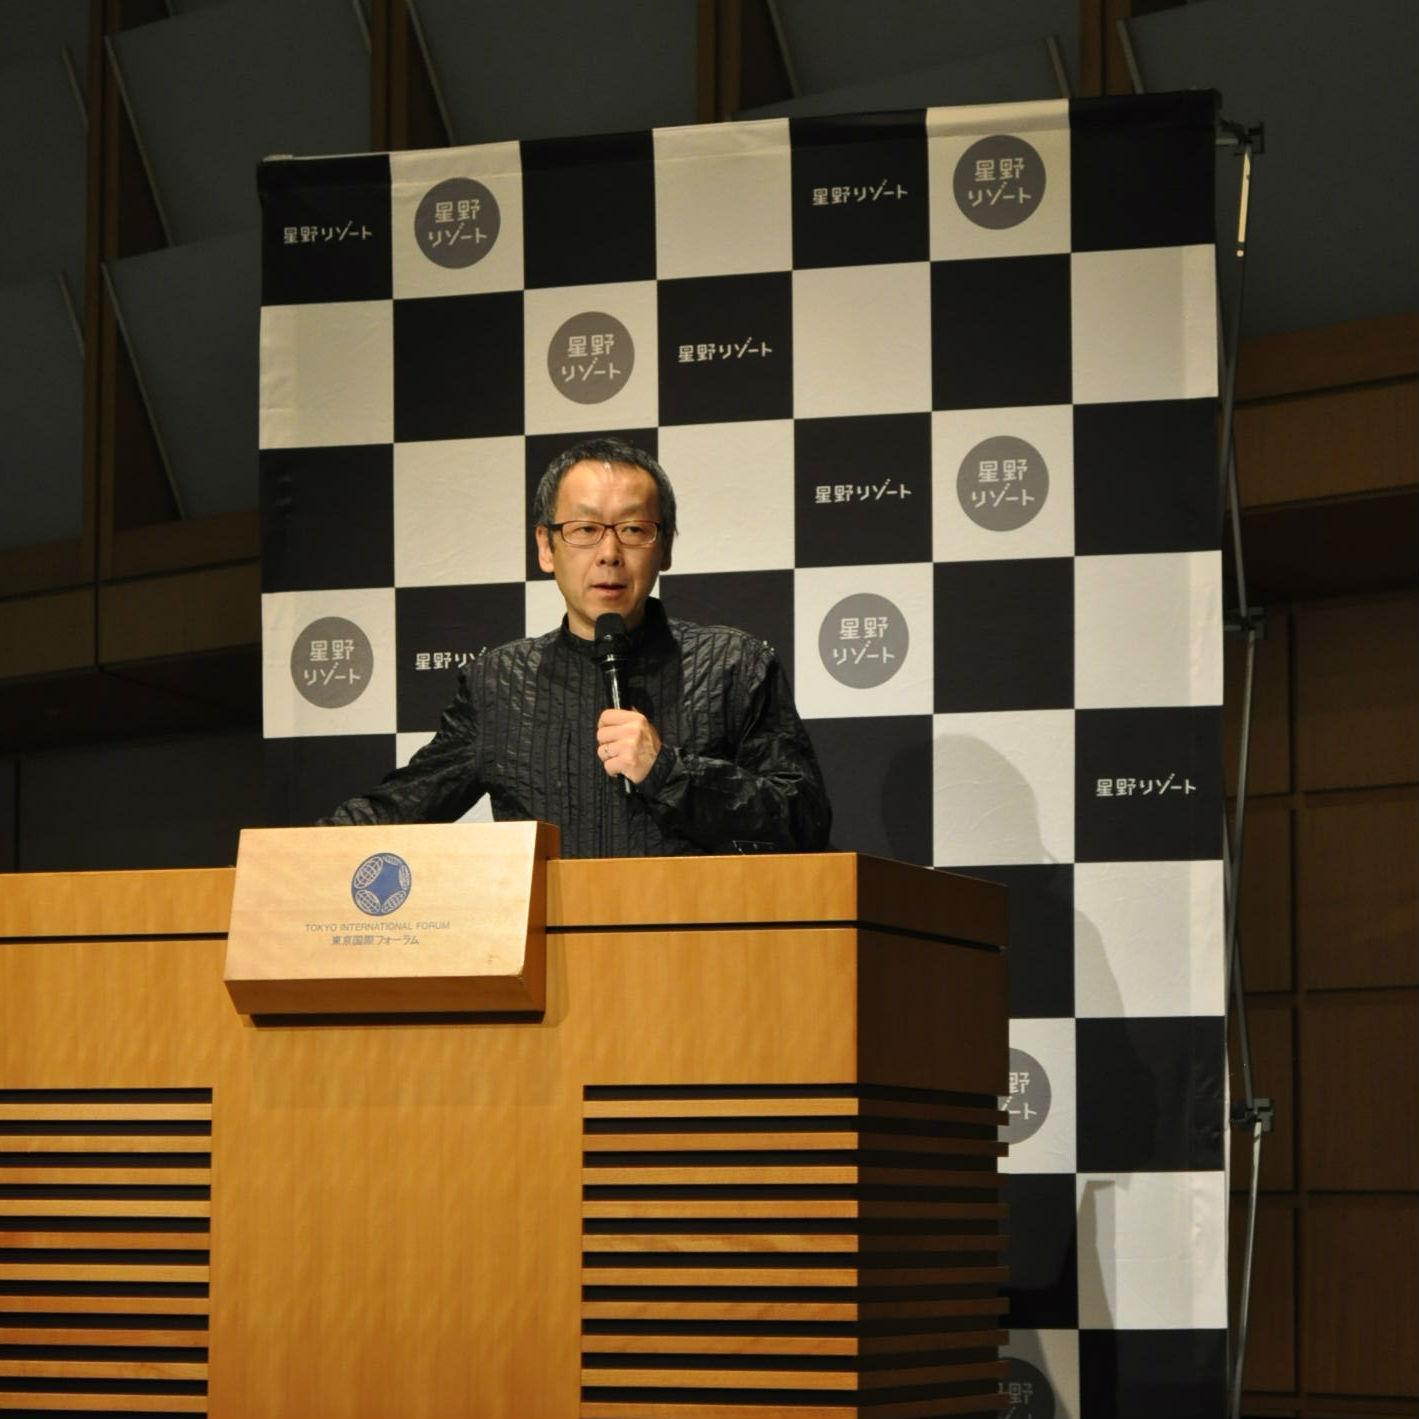 ホテルではなく日本旅館にこだわった「星のや東京」がついに7月オープン!